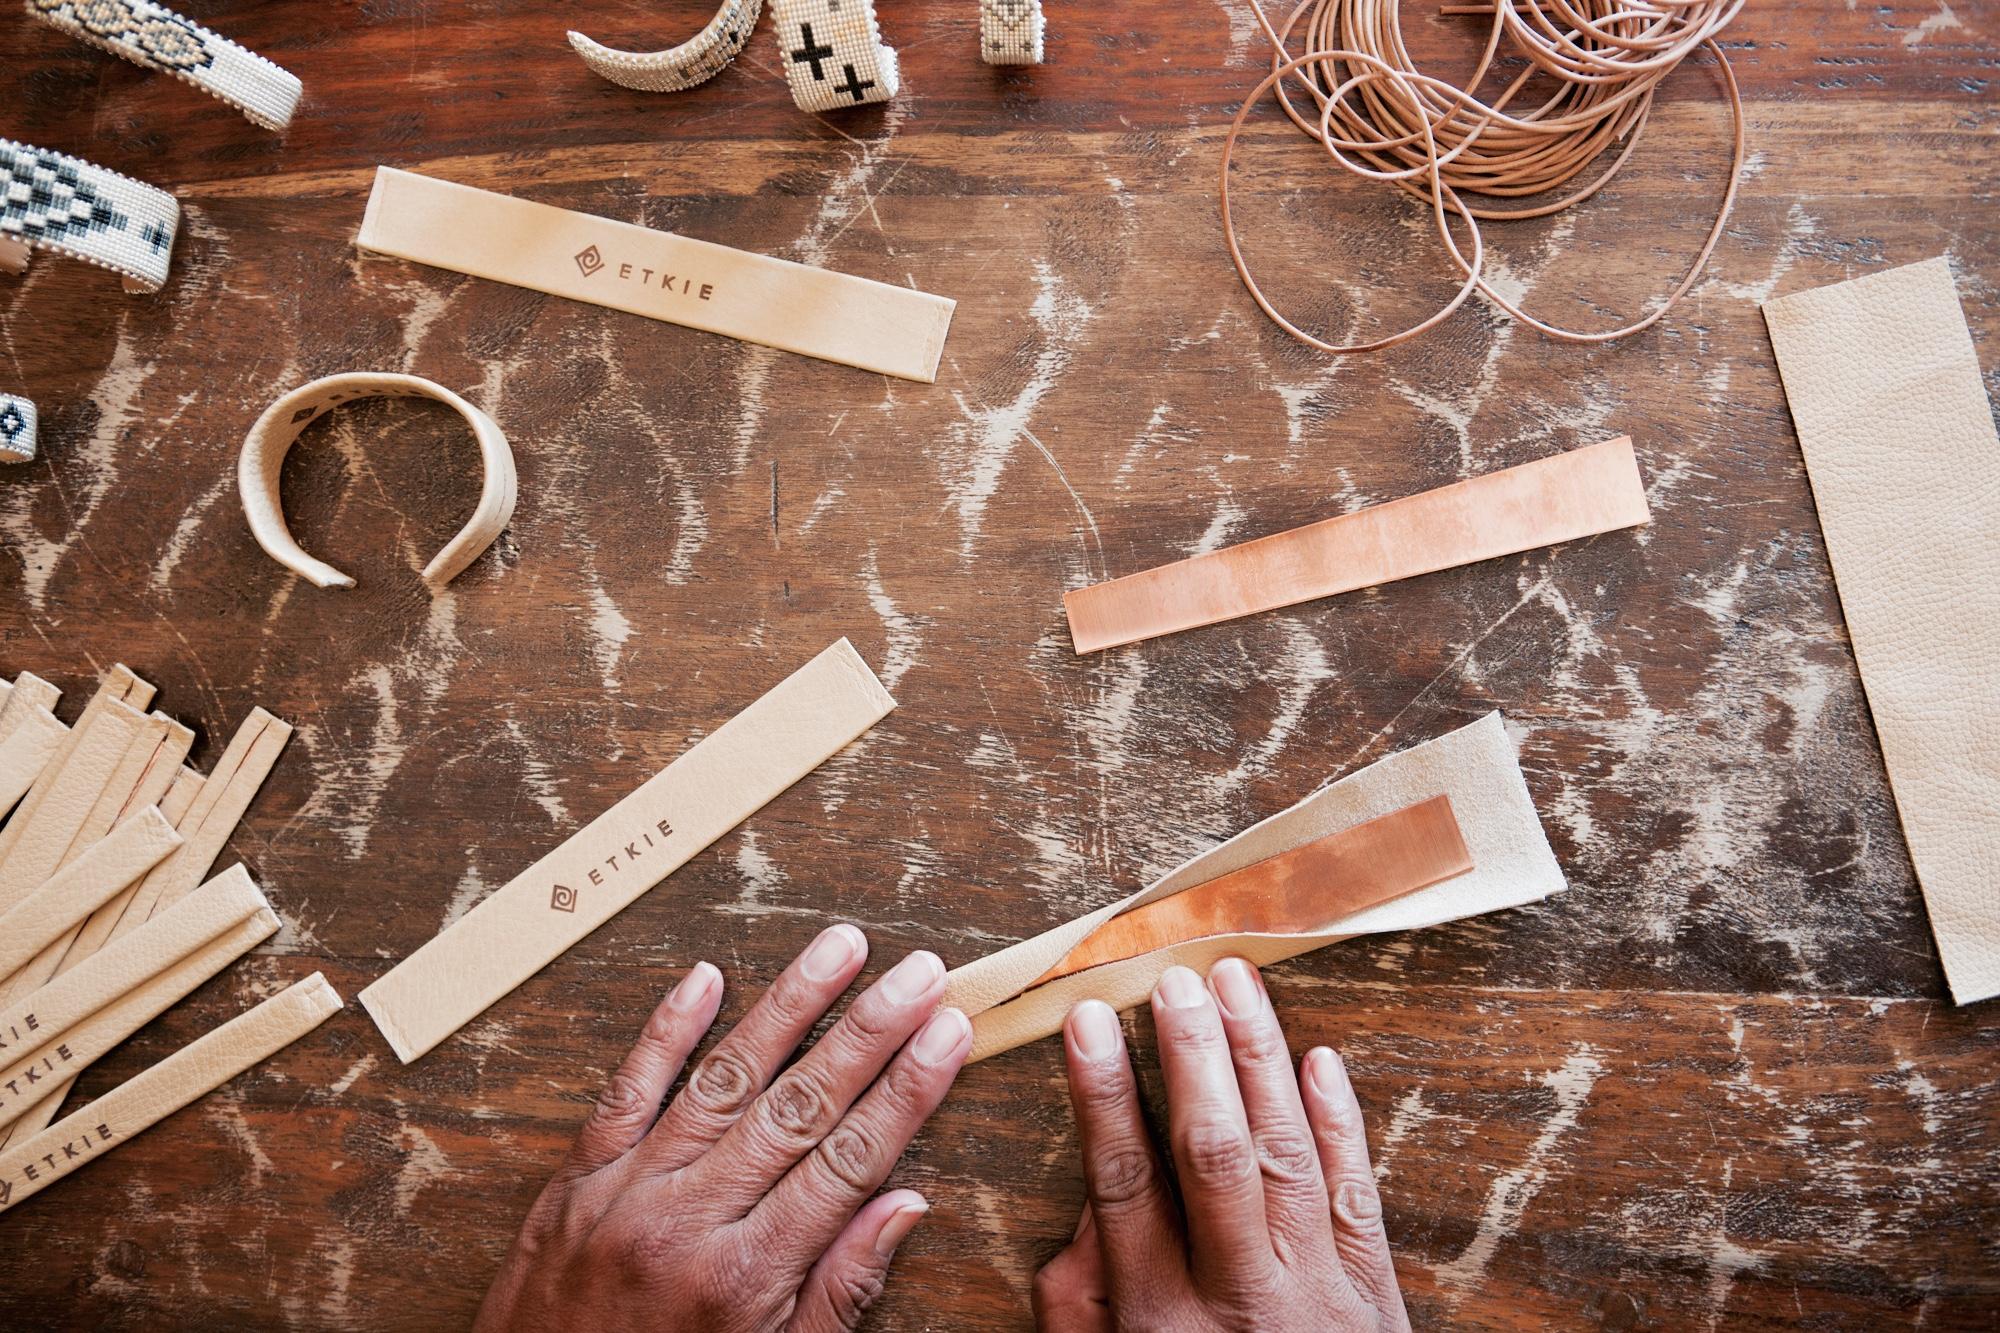 Etkie bracelets in production